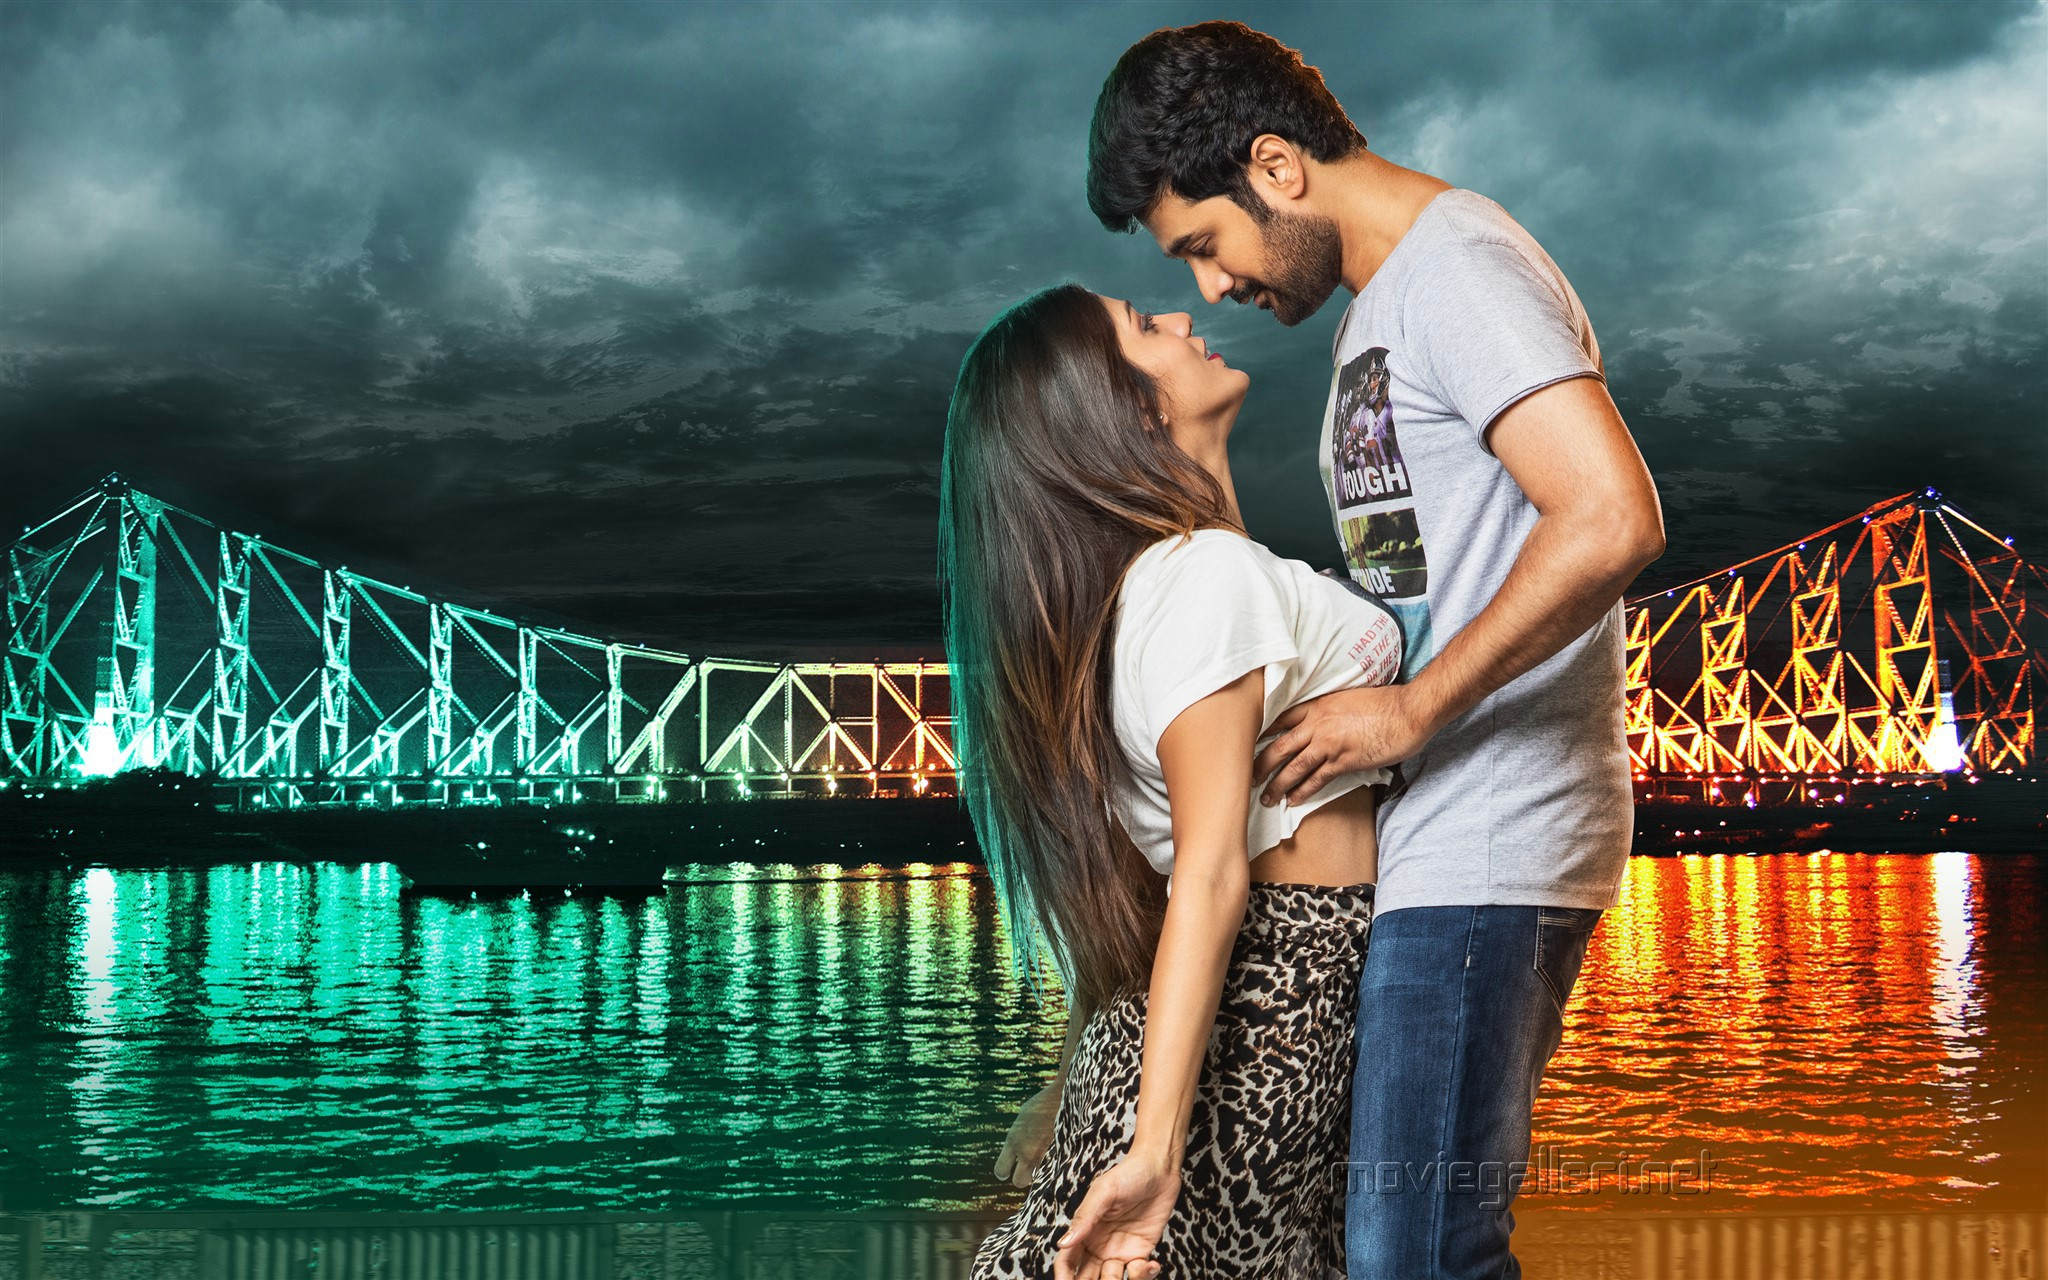 Hot Chandini Chowdary Rahul Ravindran Howrah Bridge Movie New HQ Wallpaper